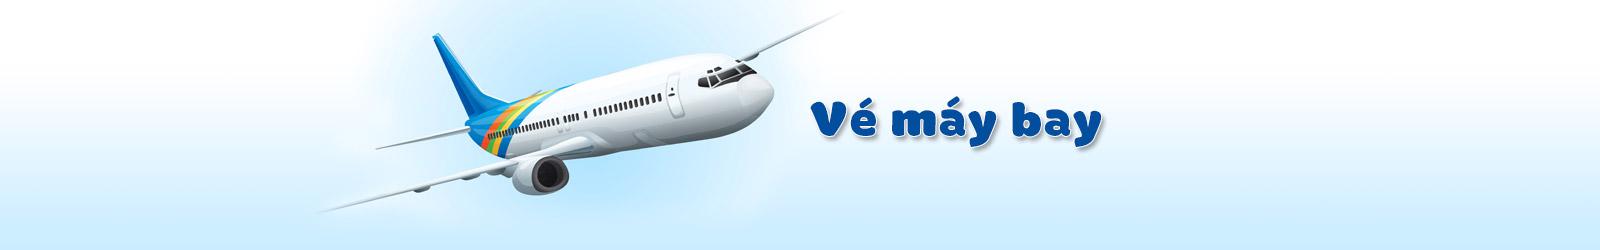 banner-ve-may-bay